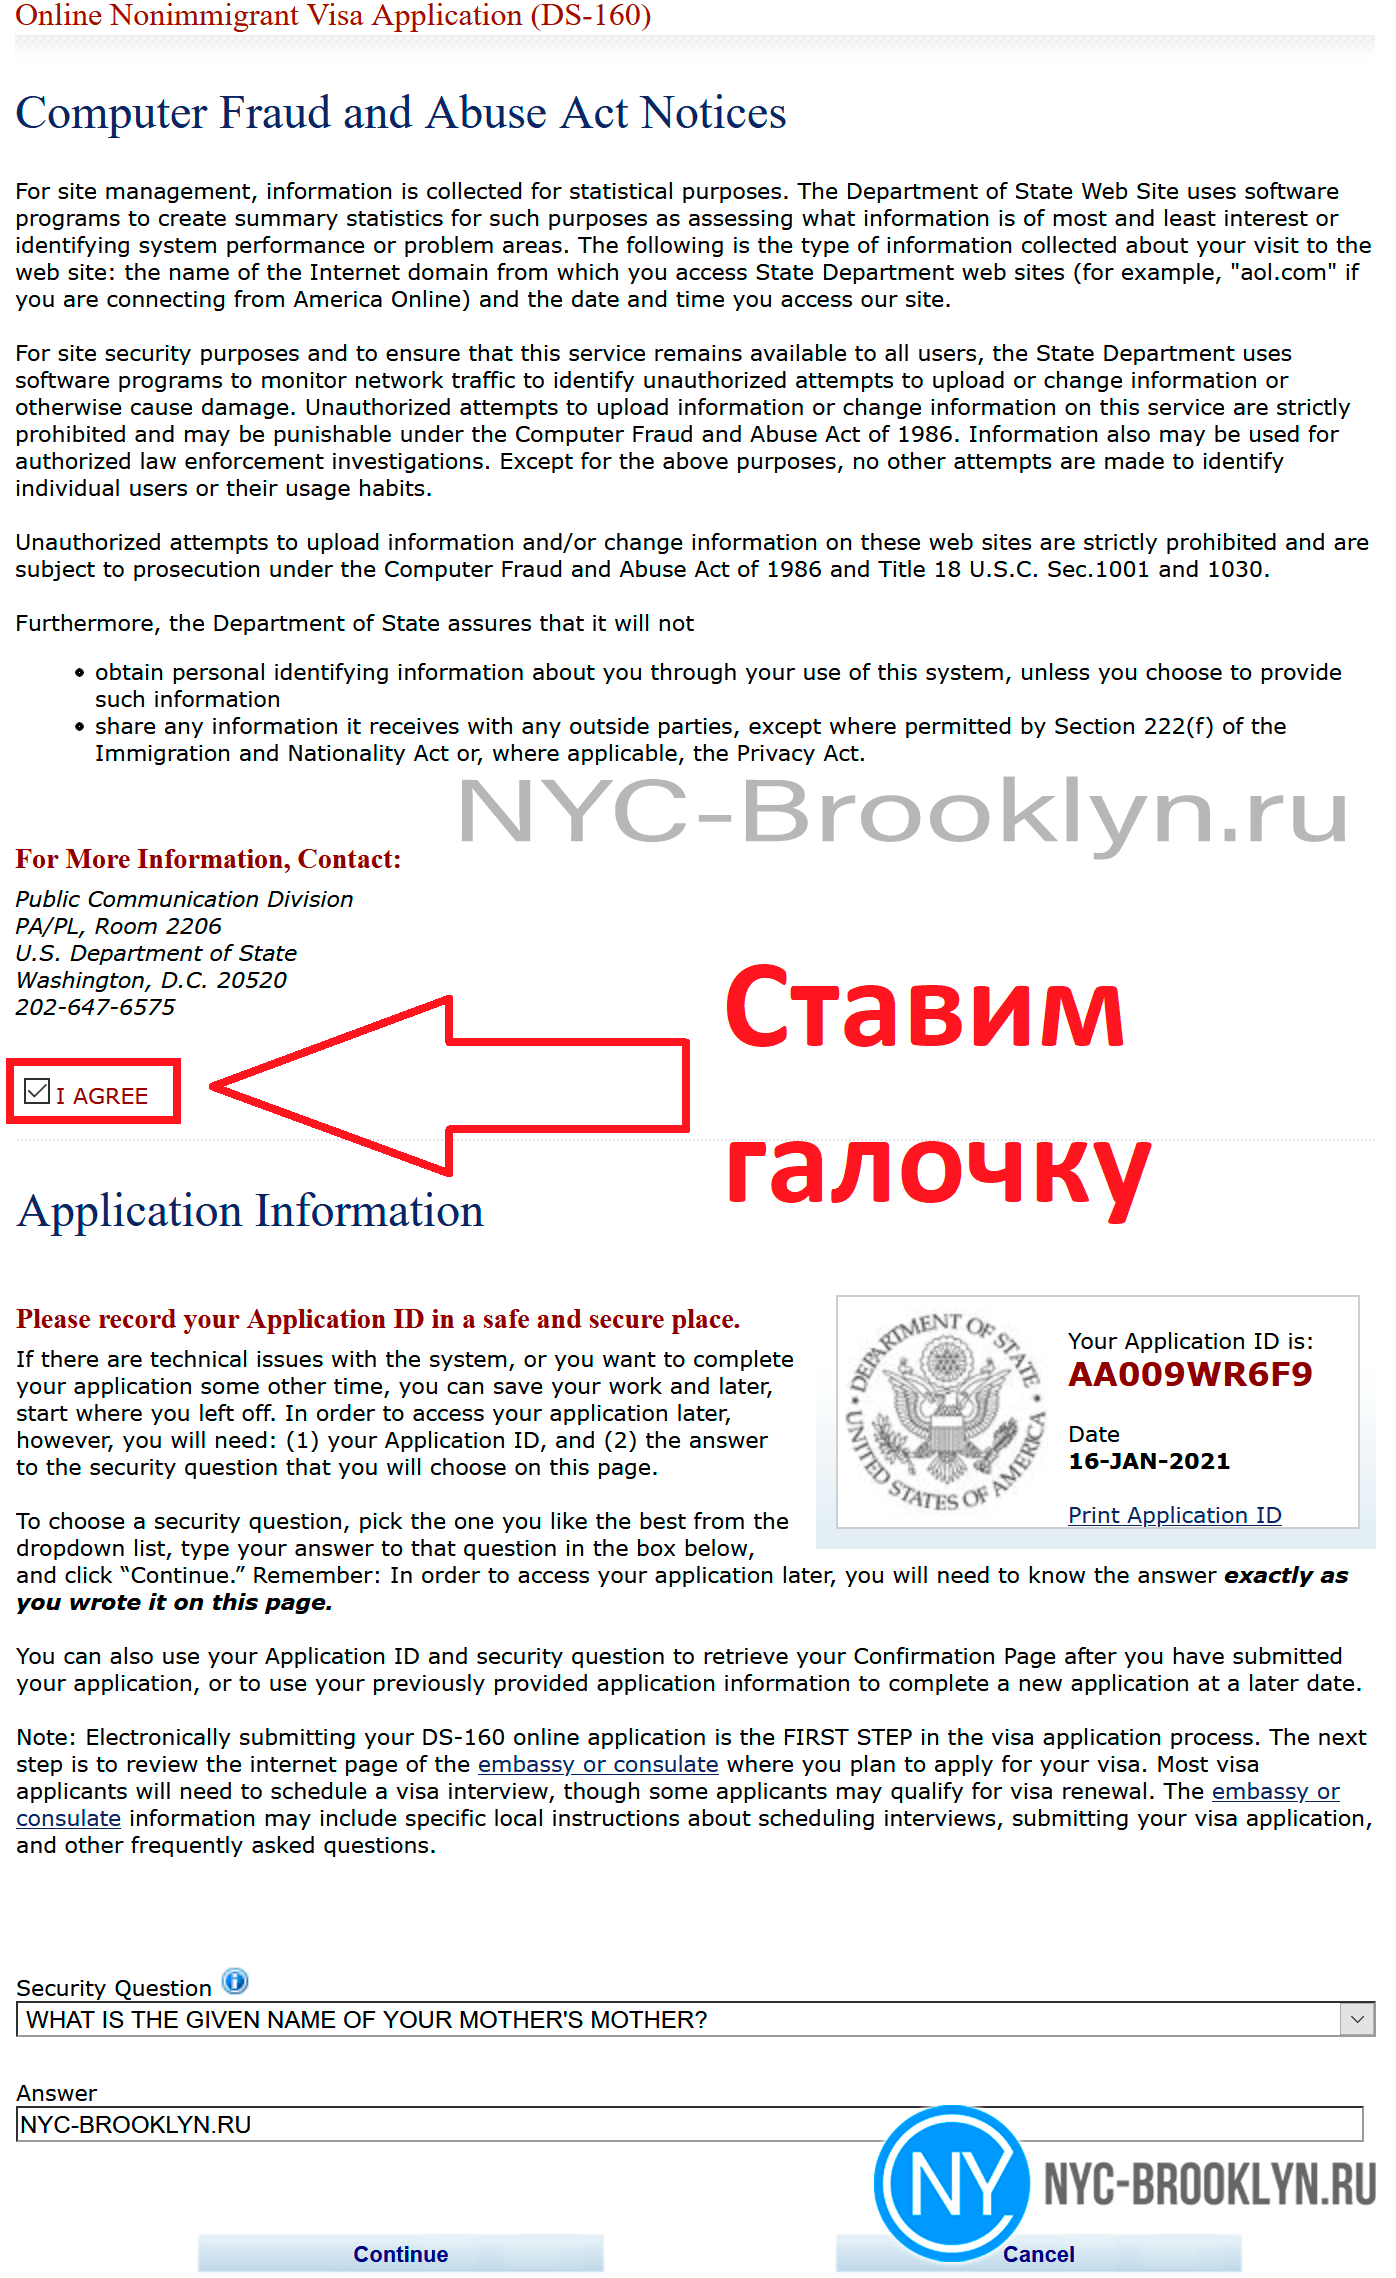 ds 160, ds-160, ДС-160, ДС 160, ds160, дс160, анкета ds 160, заполнение ds 160, виза ds 160, форма ds 160, ds 160 образец, виза в сша ds 160, виза в США, виза США, ds 160 заполнить, ds 160 на русском, на русском, ds 160 образец заполнения, образец анкеты ds 160, заполнение анкеты ds 160, ds 160 на русском языке, ds 160 скачать, анкета ds 160 на русском, заполнение формы ds 160, ds 160 инструкция, пример ds 160, пример заполнения ds 160, образец заполнения анкеты ds 160, заполнить форму ds 160, ds 160 вопросы, ds-160 пример заполнения, ds-160 что такое, дс 160 форма, анкета ds-160 образец, заполнение ds-160 на ребенка, заполнение ds-160 пример, форма дс 160, ds-160 confirmation number что это, Application ID